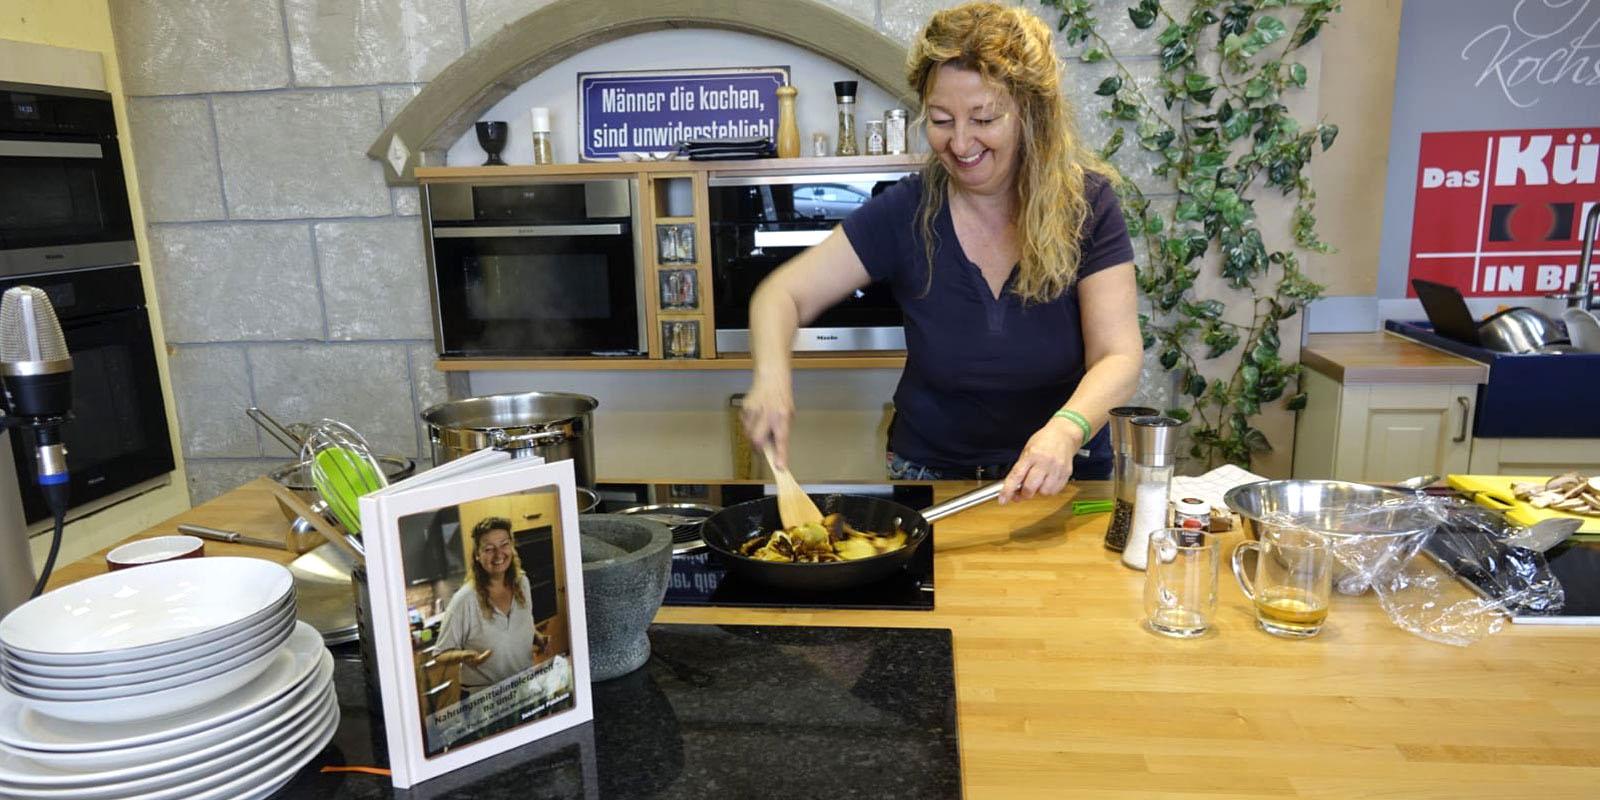 Susanne Panhans kocht histaminfrei   Einfach ohne Gluten und Co.